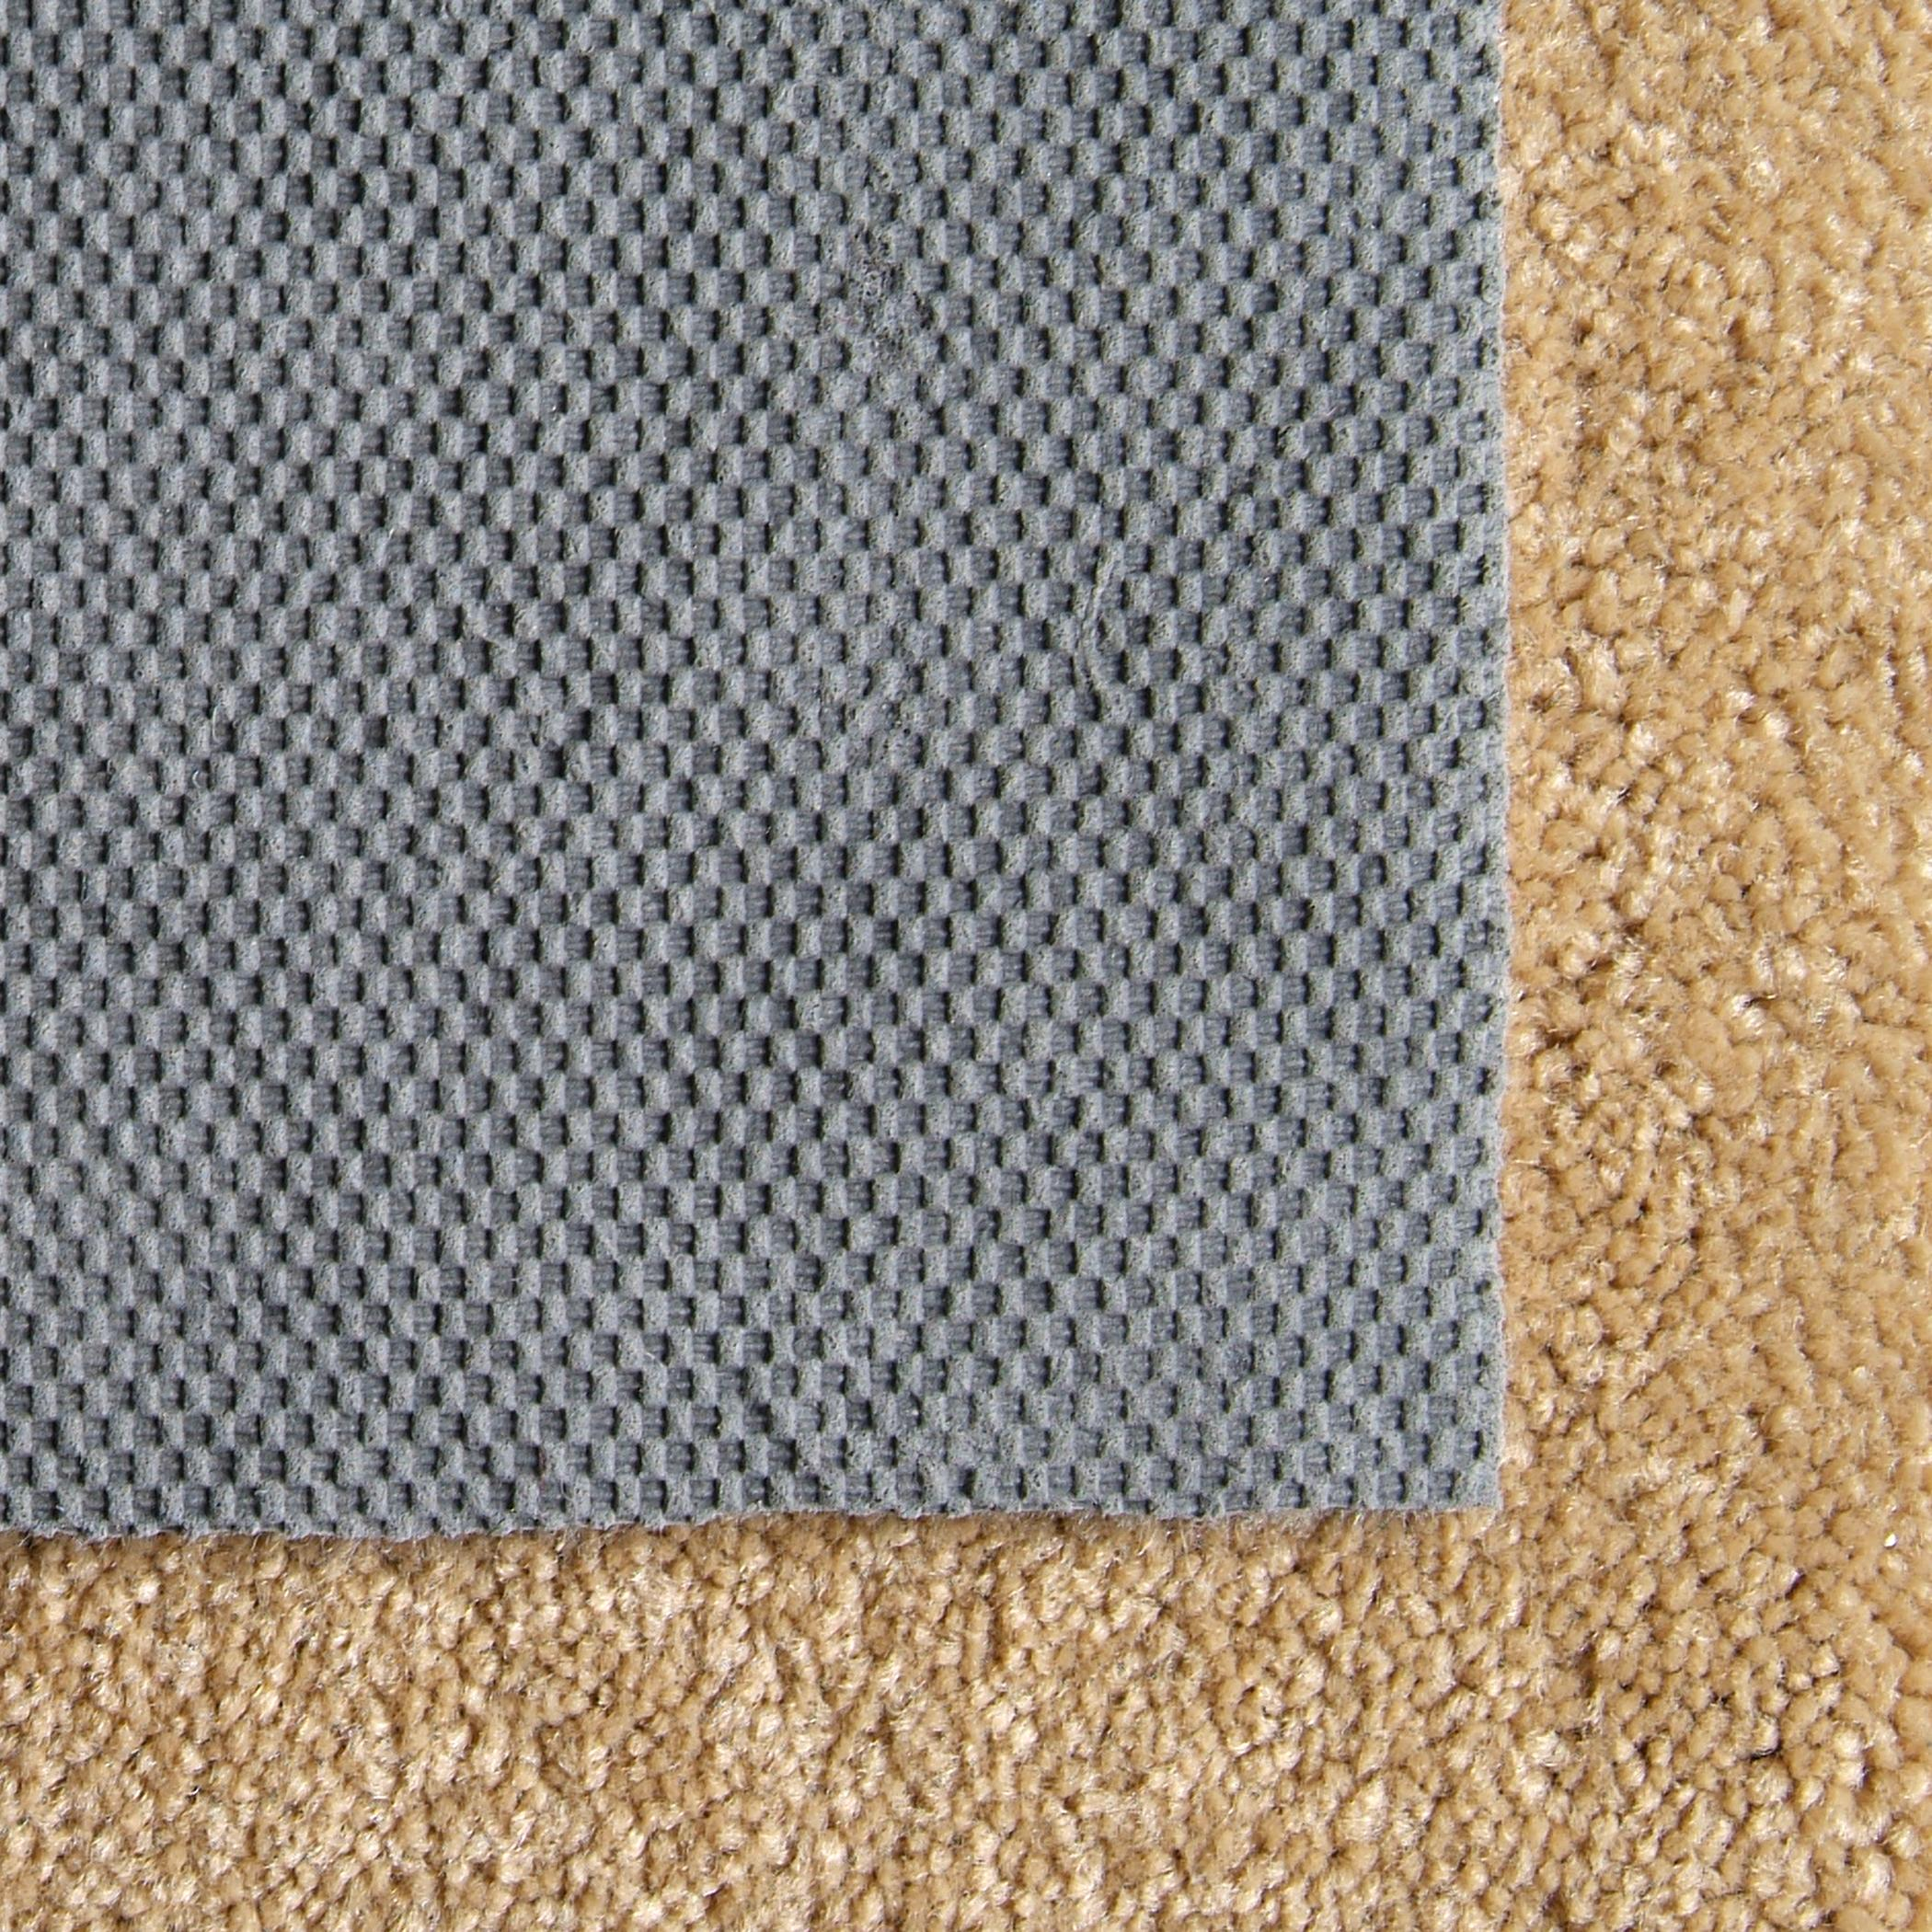 Carpet Underlay Home Depot Images Menards Tiles